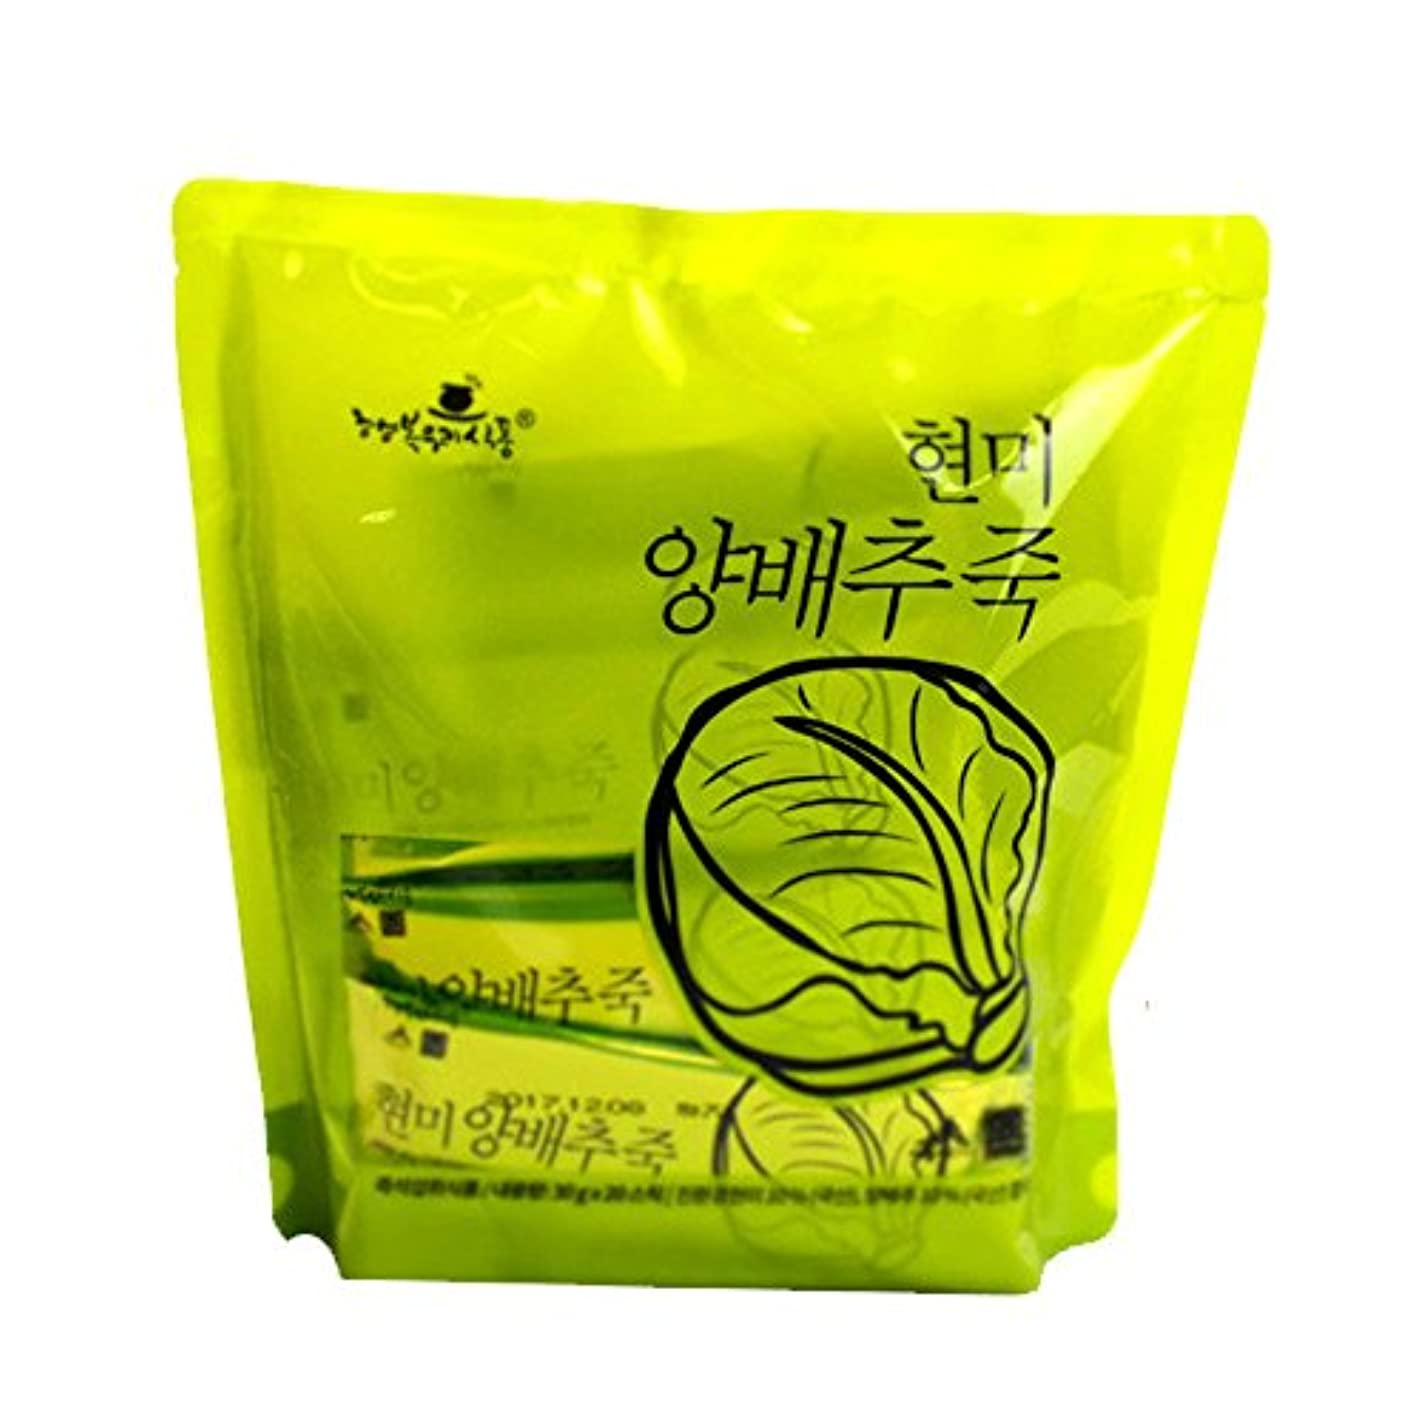 壮大なアッティカス用心深い1袋110Kcalのお手軽インスタント韓国粥/玄米白菜粥(30g×20袋)